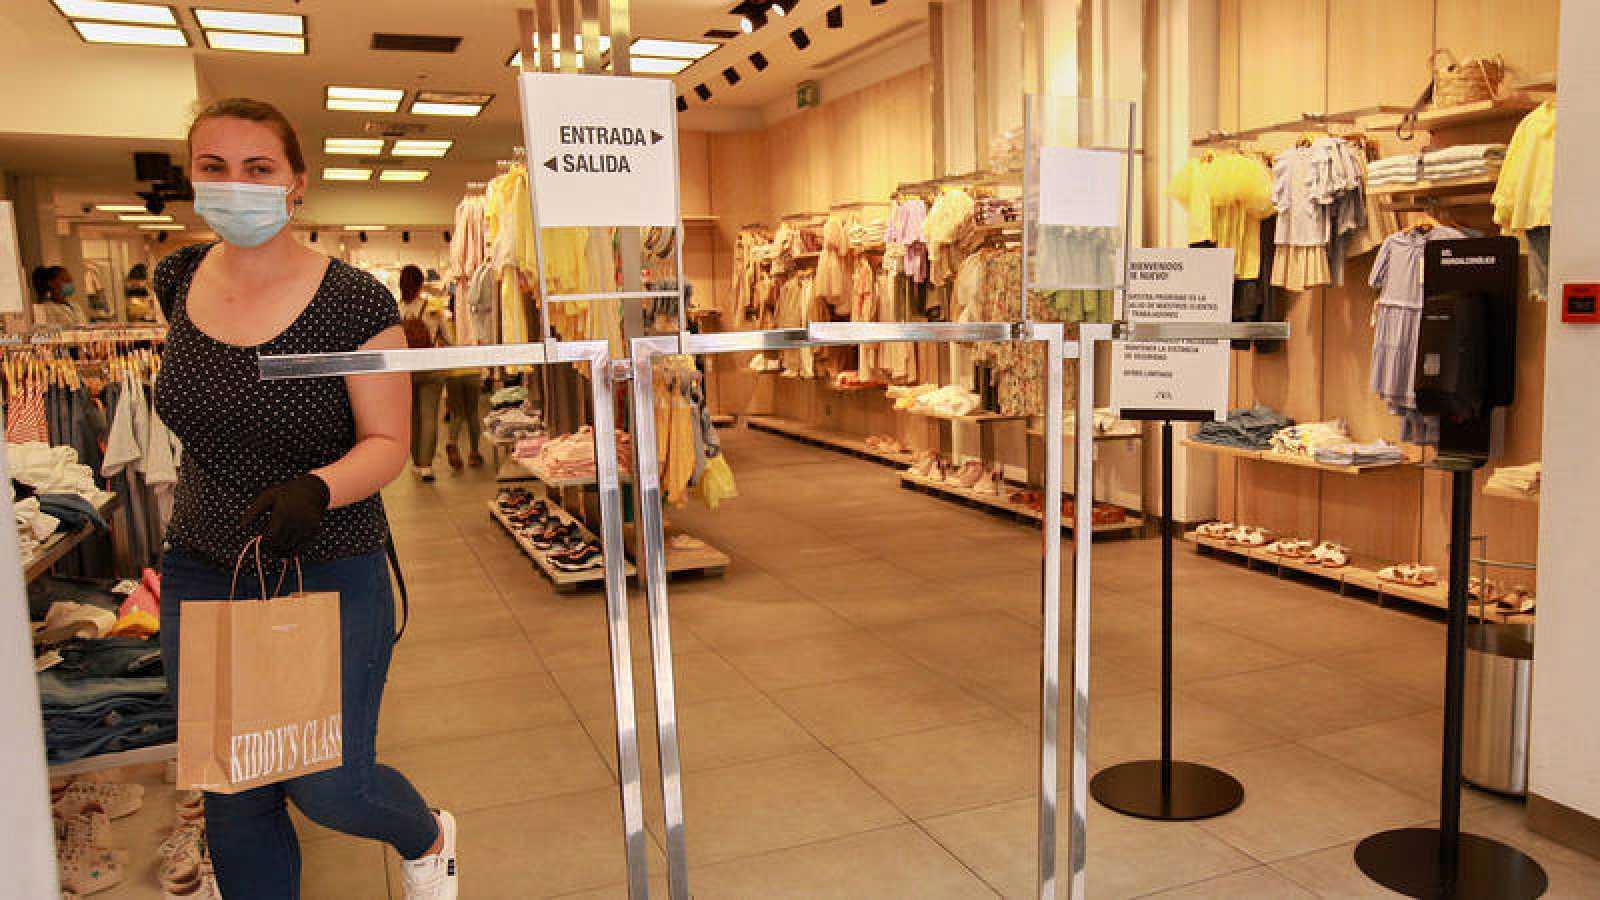 Confusión sobre si puede o no haber rebajas en las tiendas físicas tras la orden publicada por Sanidad